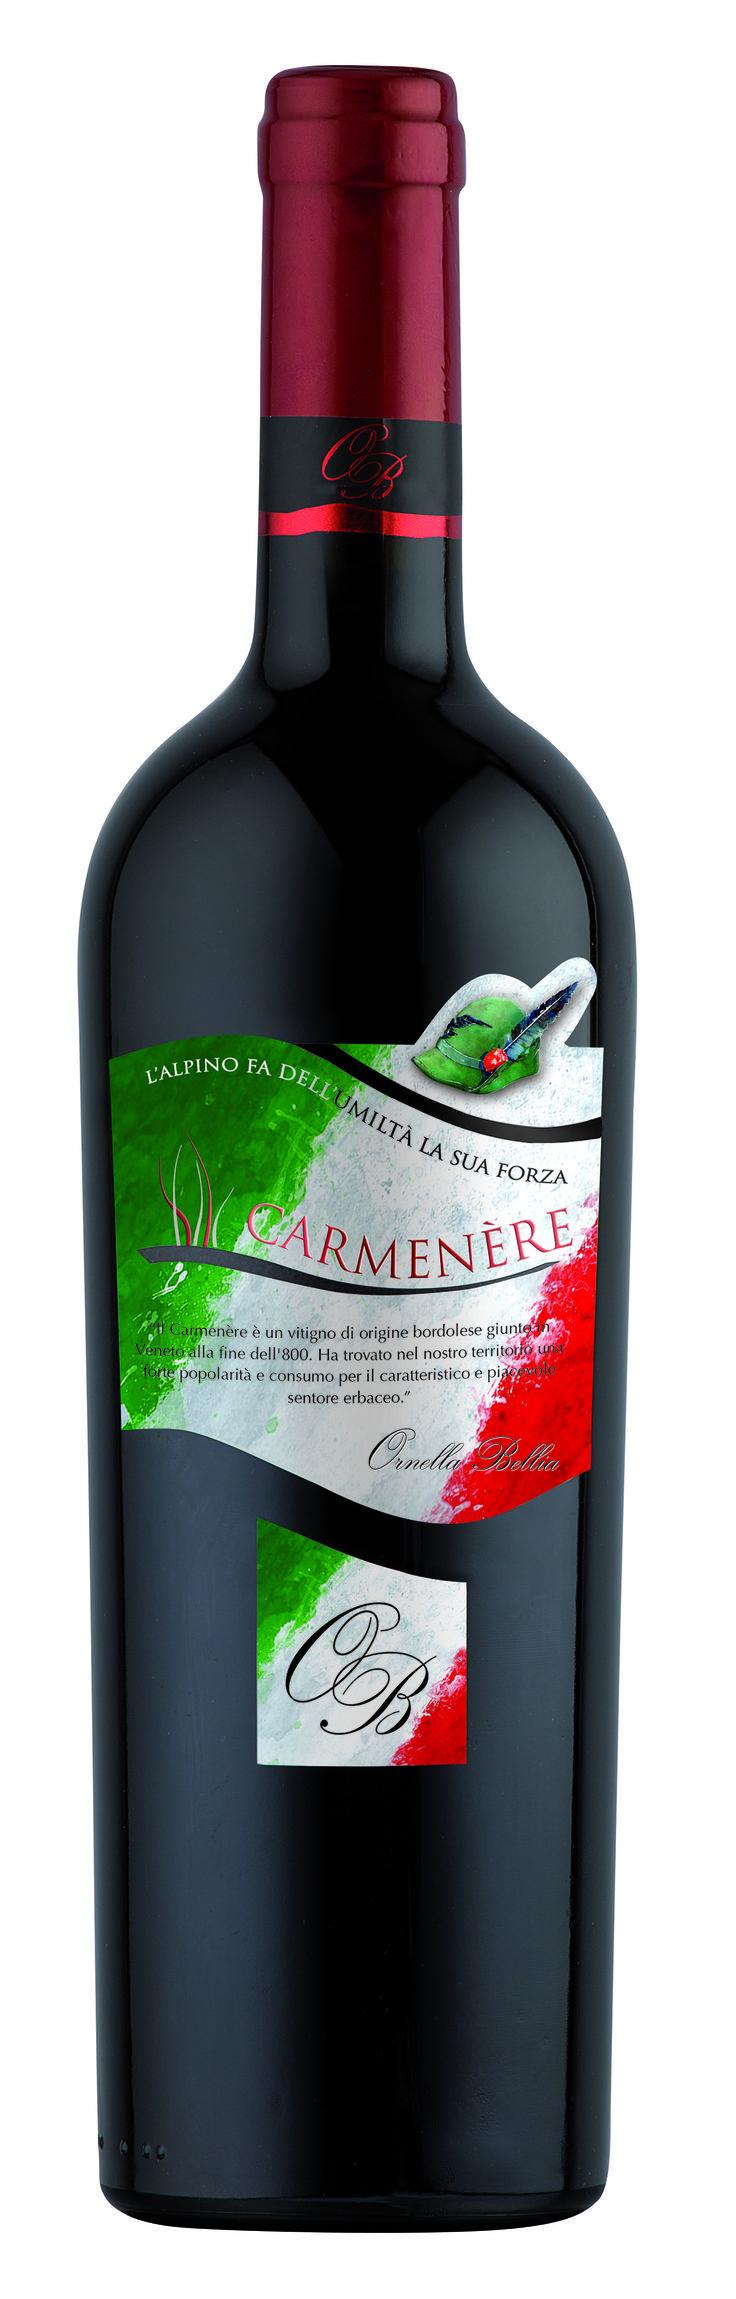 Carmenere - Ornella Bellia / Edizione speciale per la 90° Adunata Nazionale degli Alpini 2017 #adunataalpini #winelabel #winedesign #italianwine #Francescon #Collodi #F&C